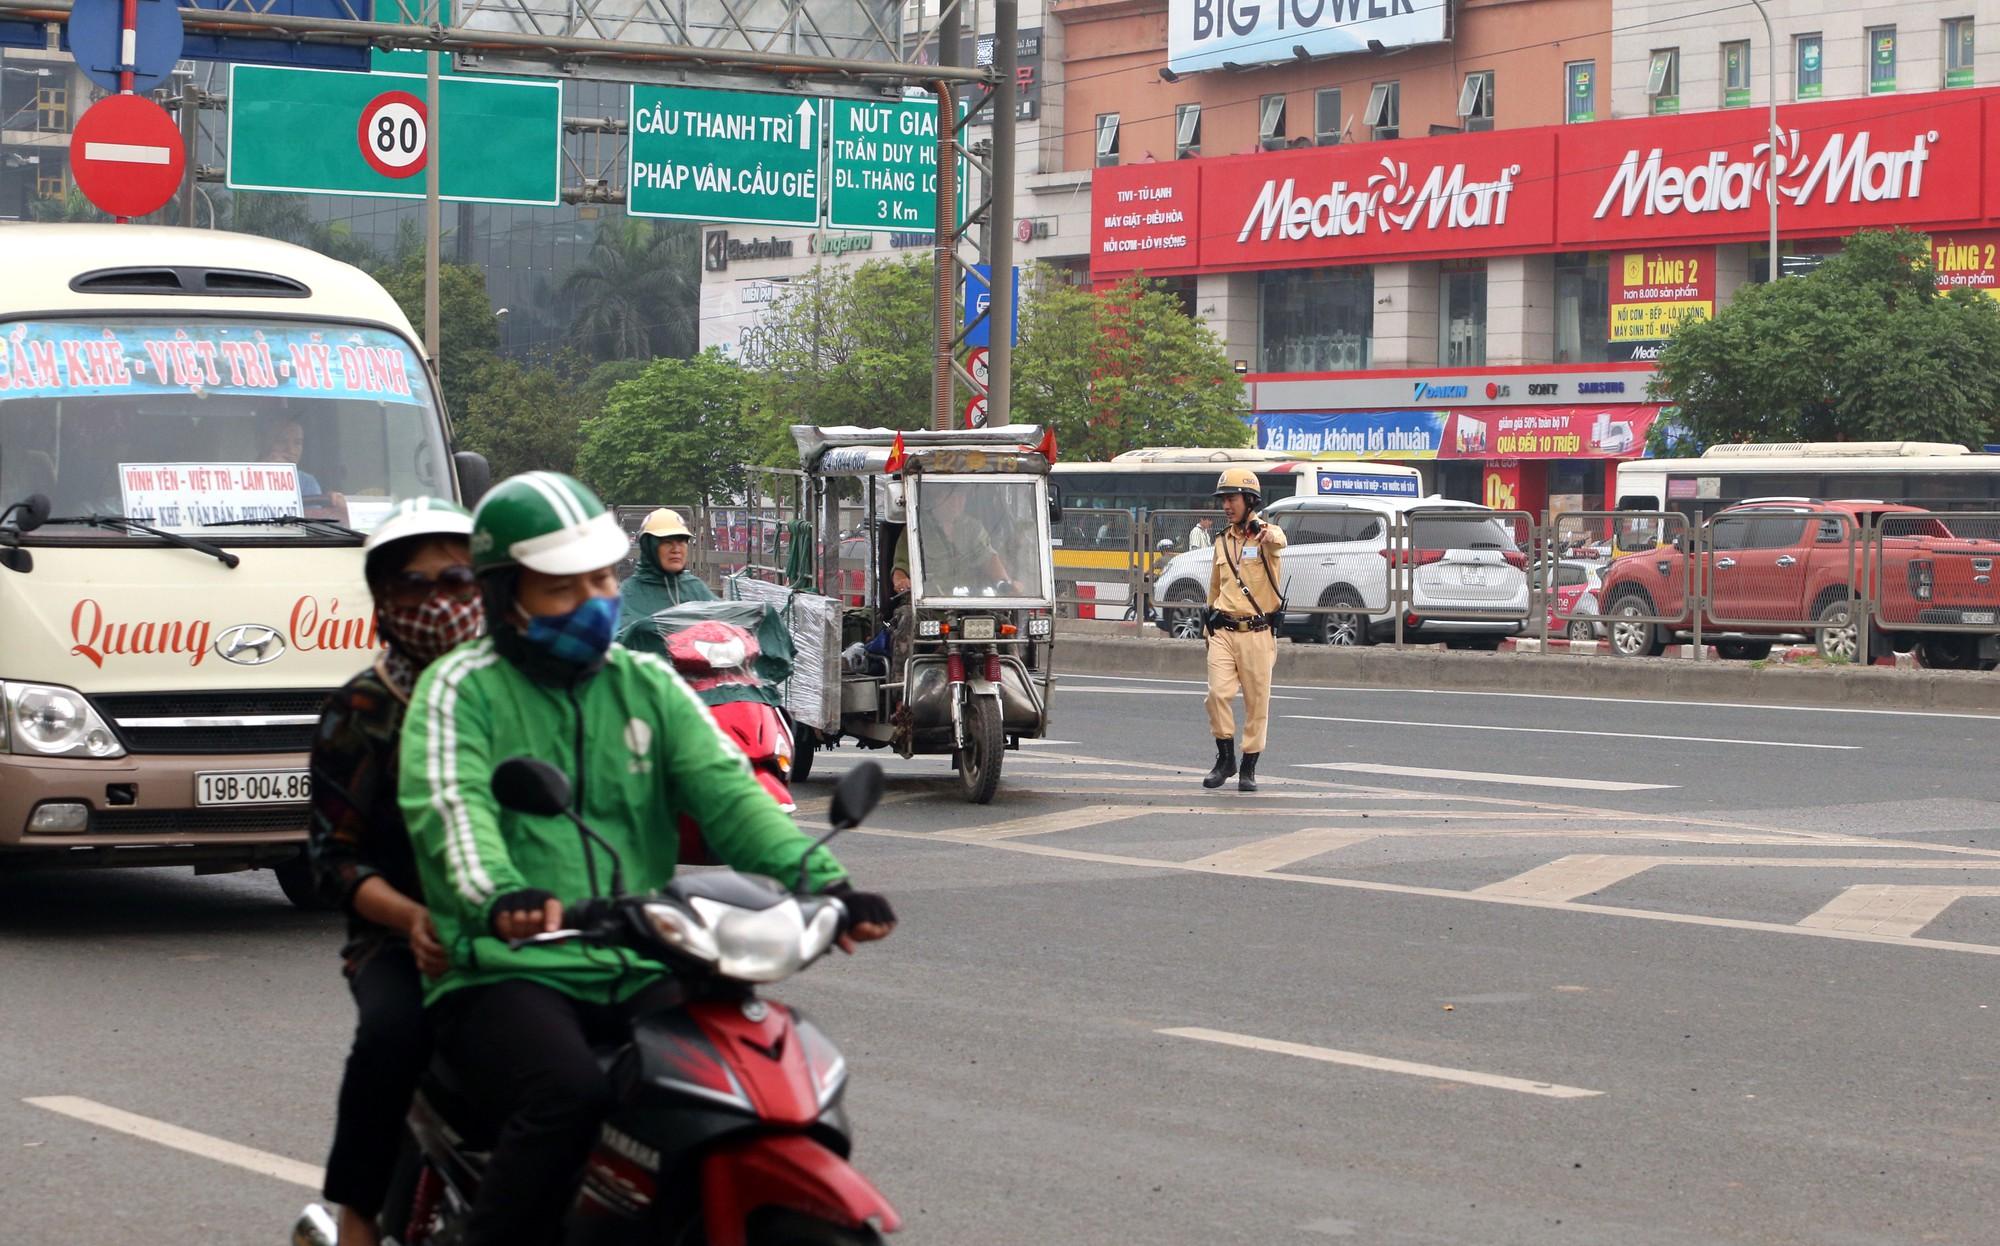 Tài xế xe máy đi vào đường Vành đai 3 trên cao bỏ chạy khi thấy CSGT - Ảnh 6.